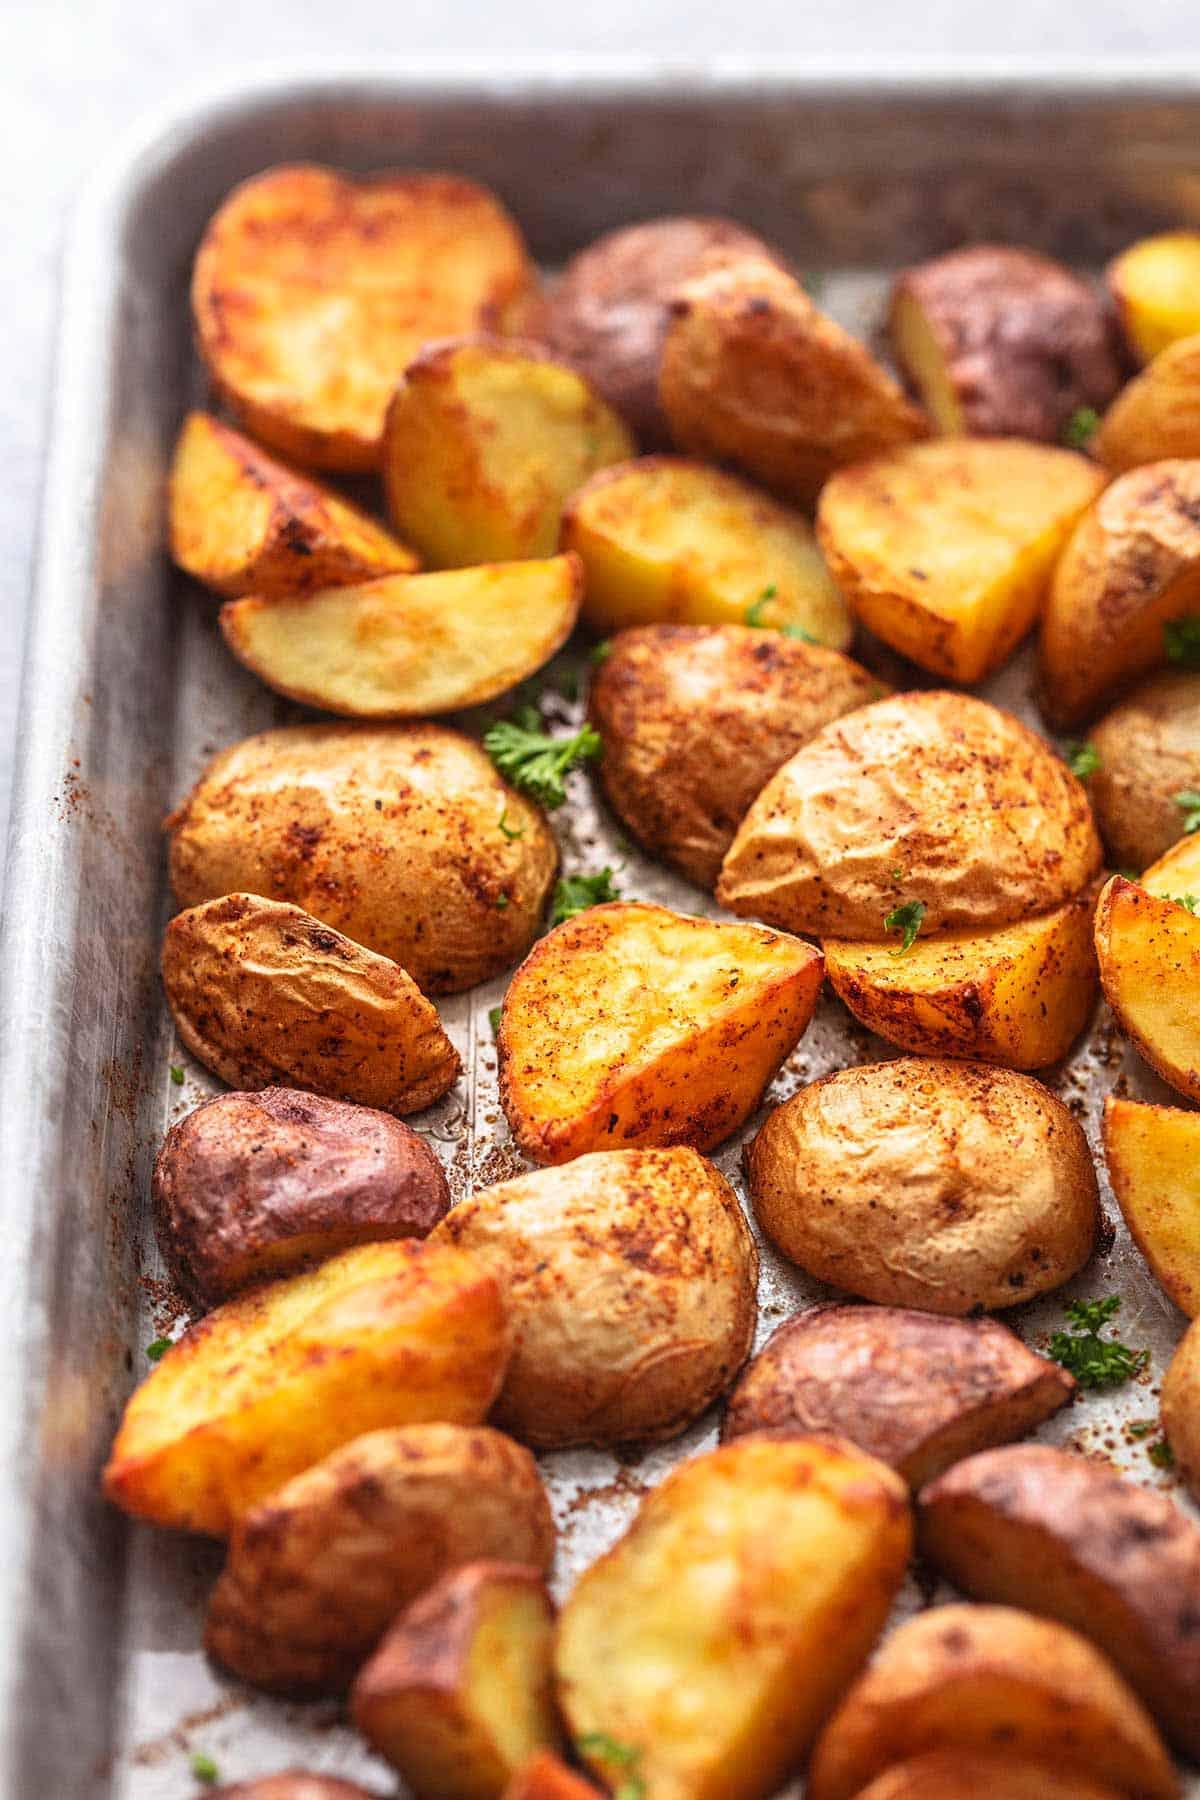 up close potatoes on a sheet pan